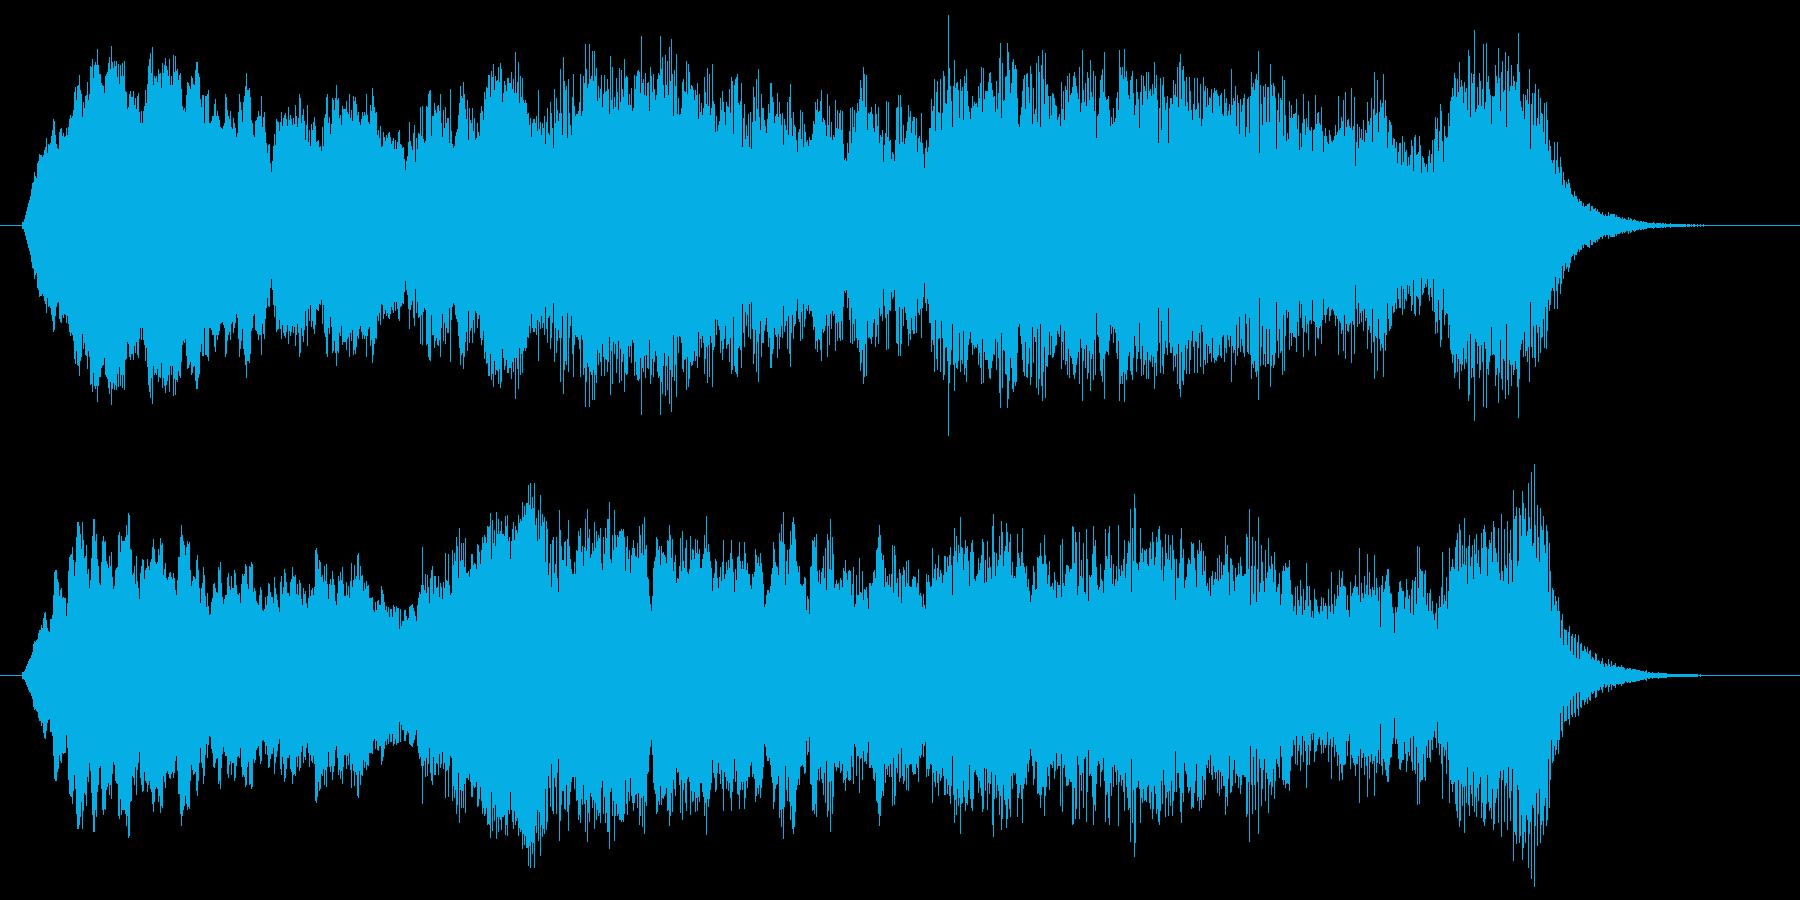 幻想的で幽玄なヒーリング曲の再生済みの波形